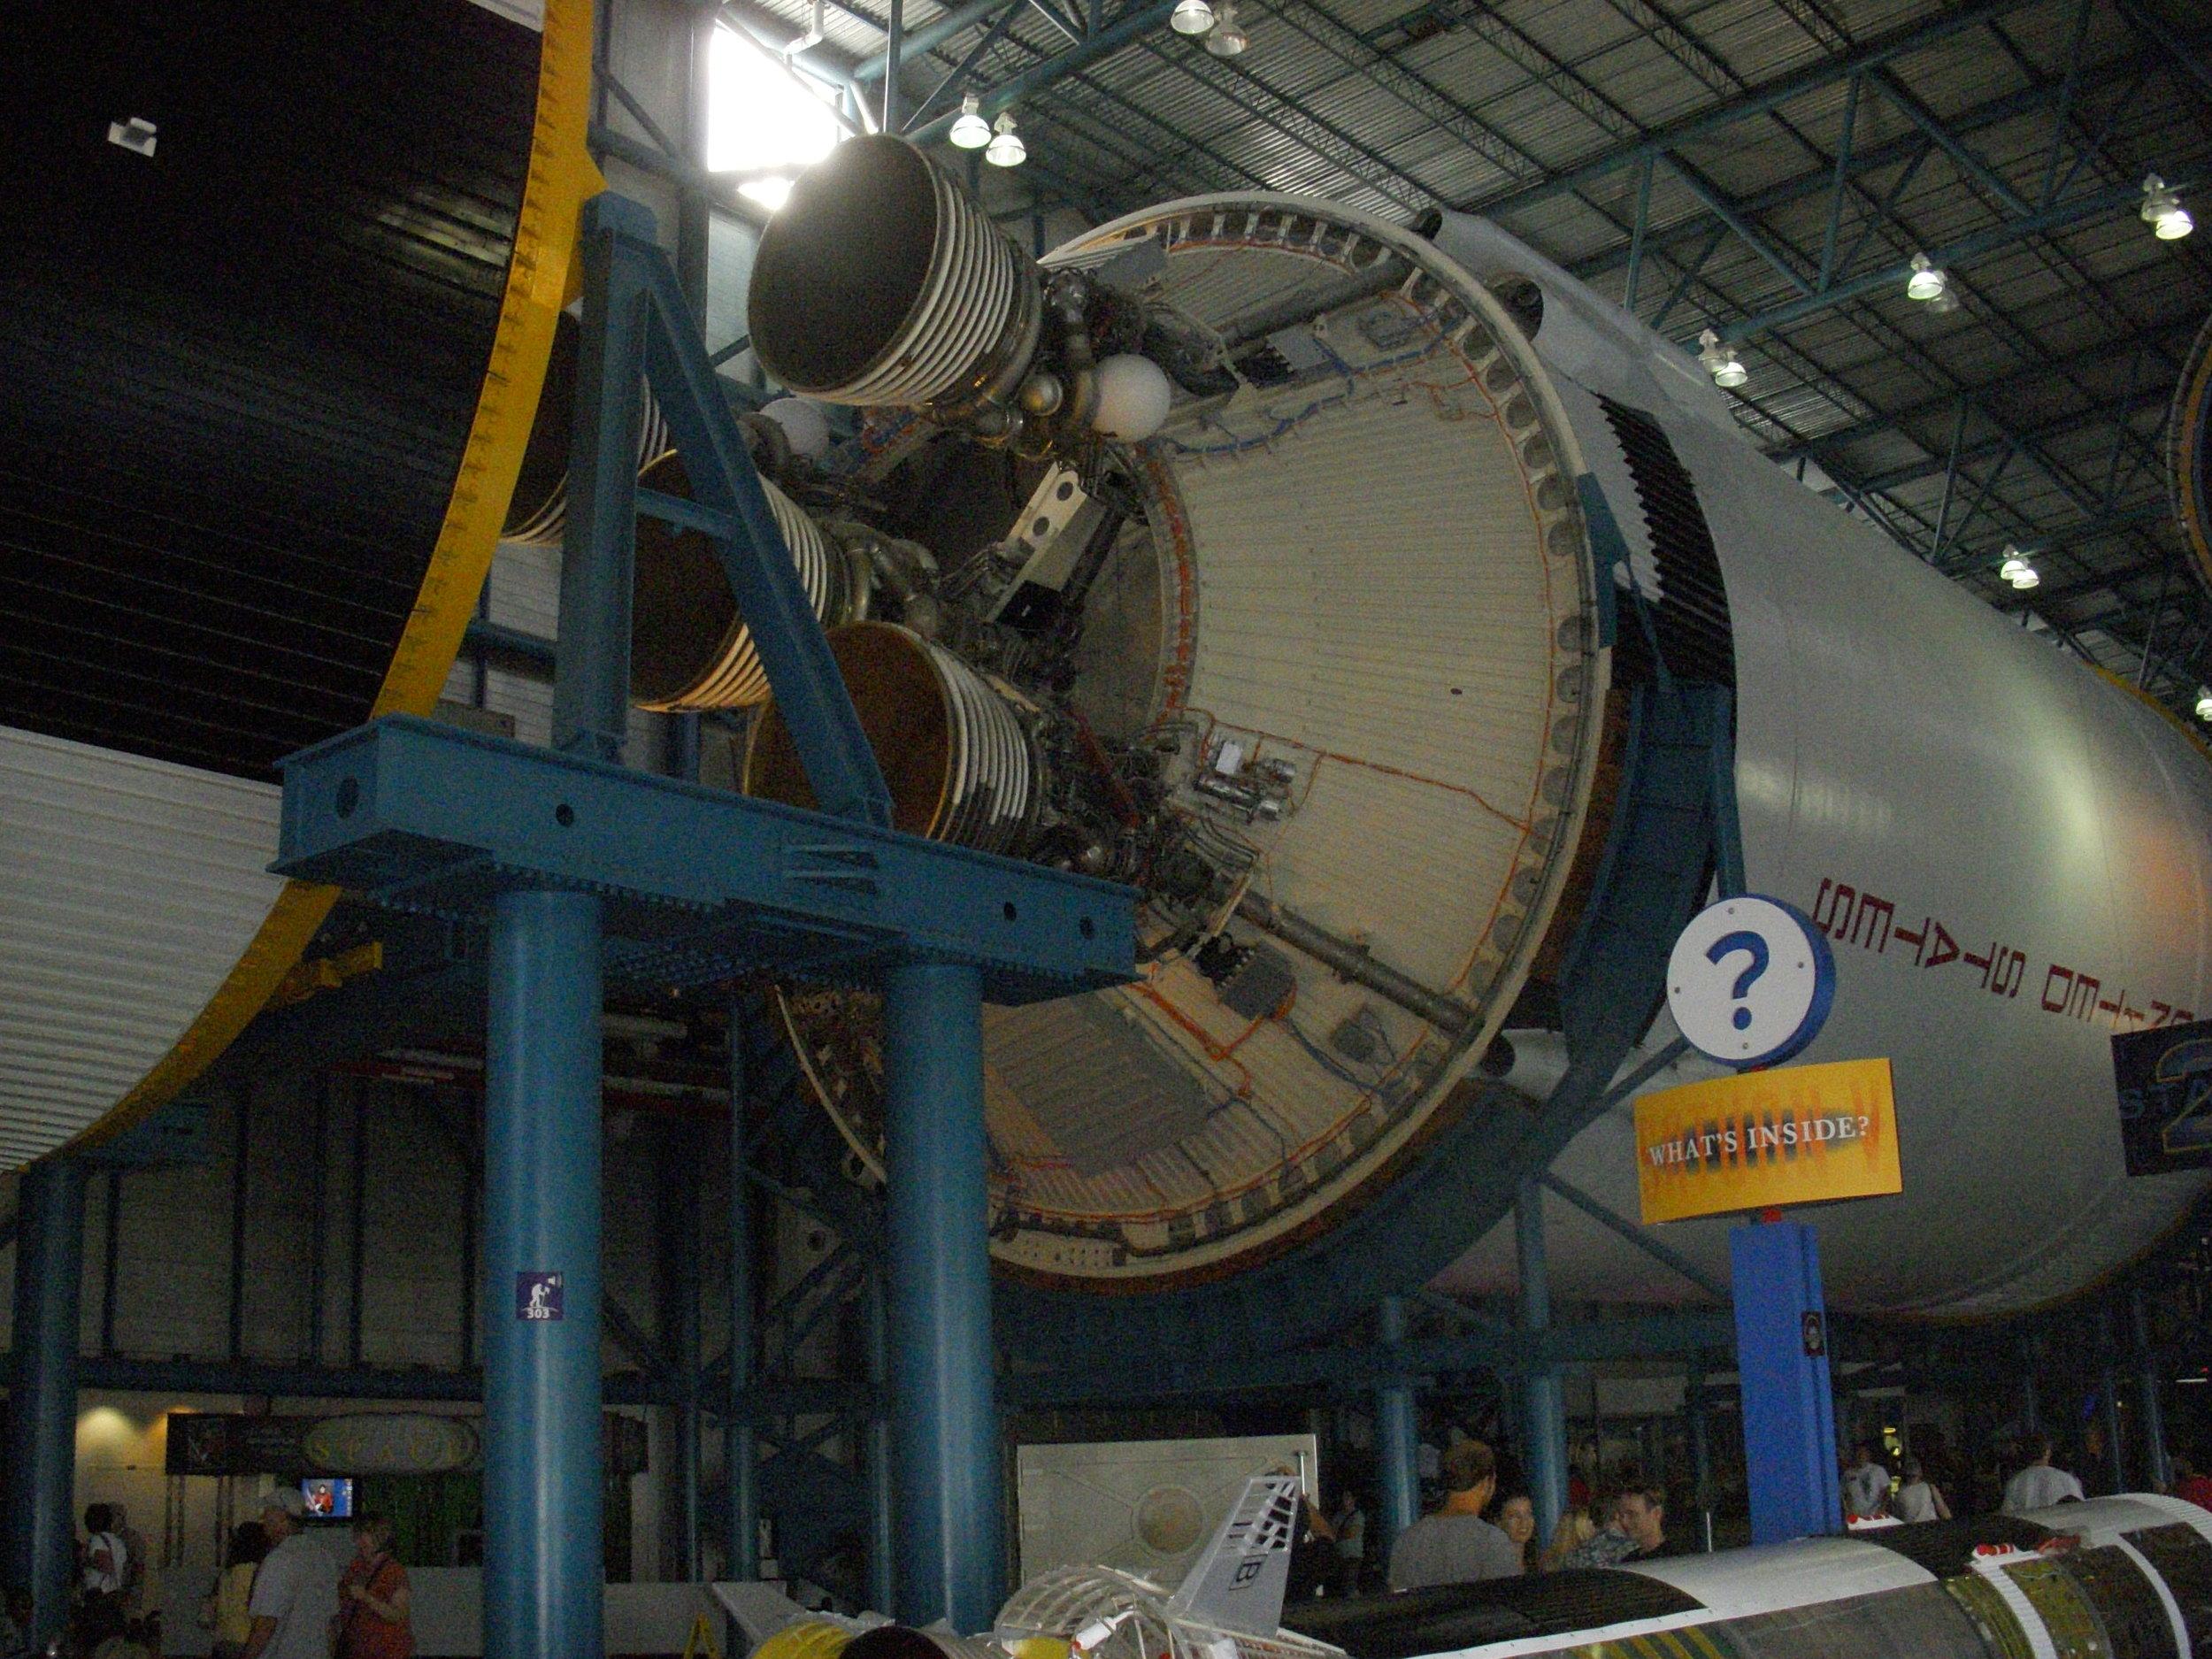 Large Rocket Inside Largest Rocket.